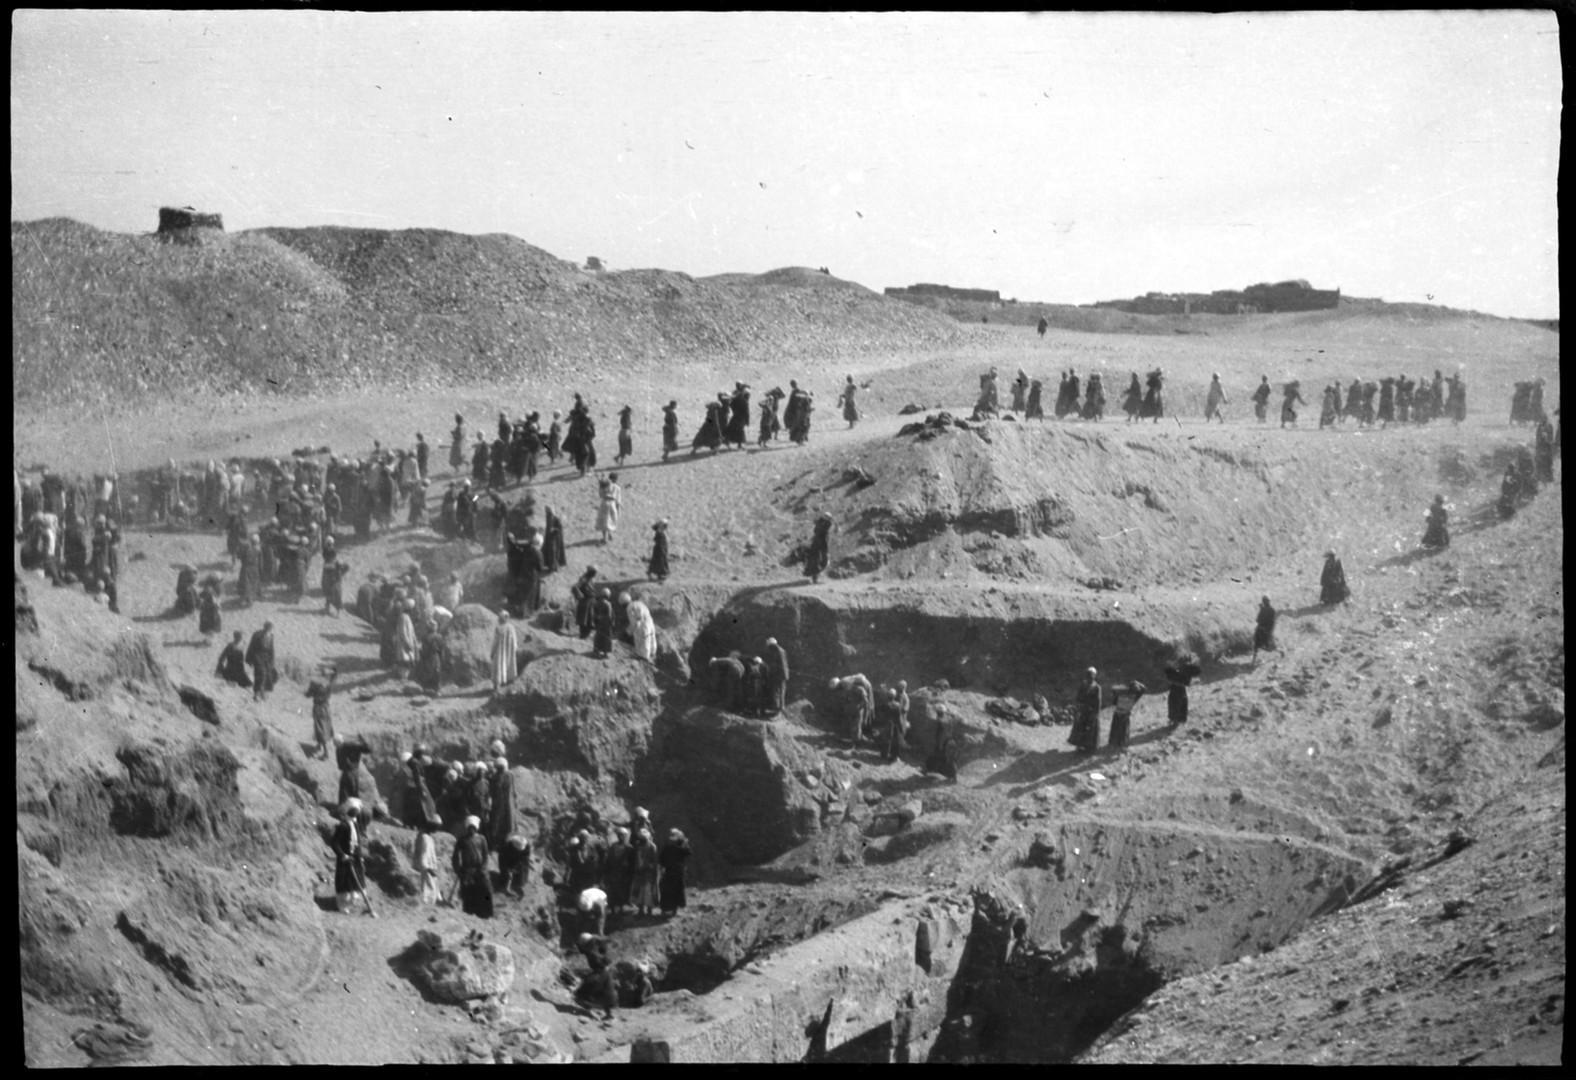 Marguerite Naville: fouilles d'Abydos, ouvriers égyptiens (négatif) © Musée d'art et d'histoire de la Ville de Genève, inv. A 2006-0030-055-086